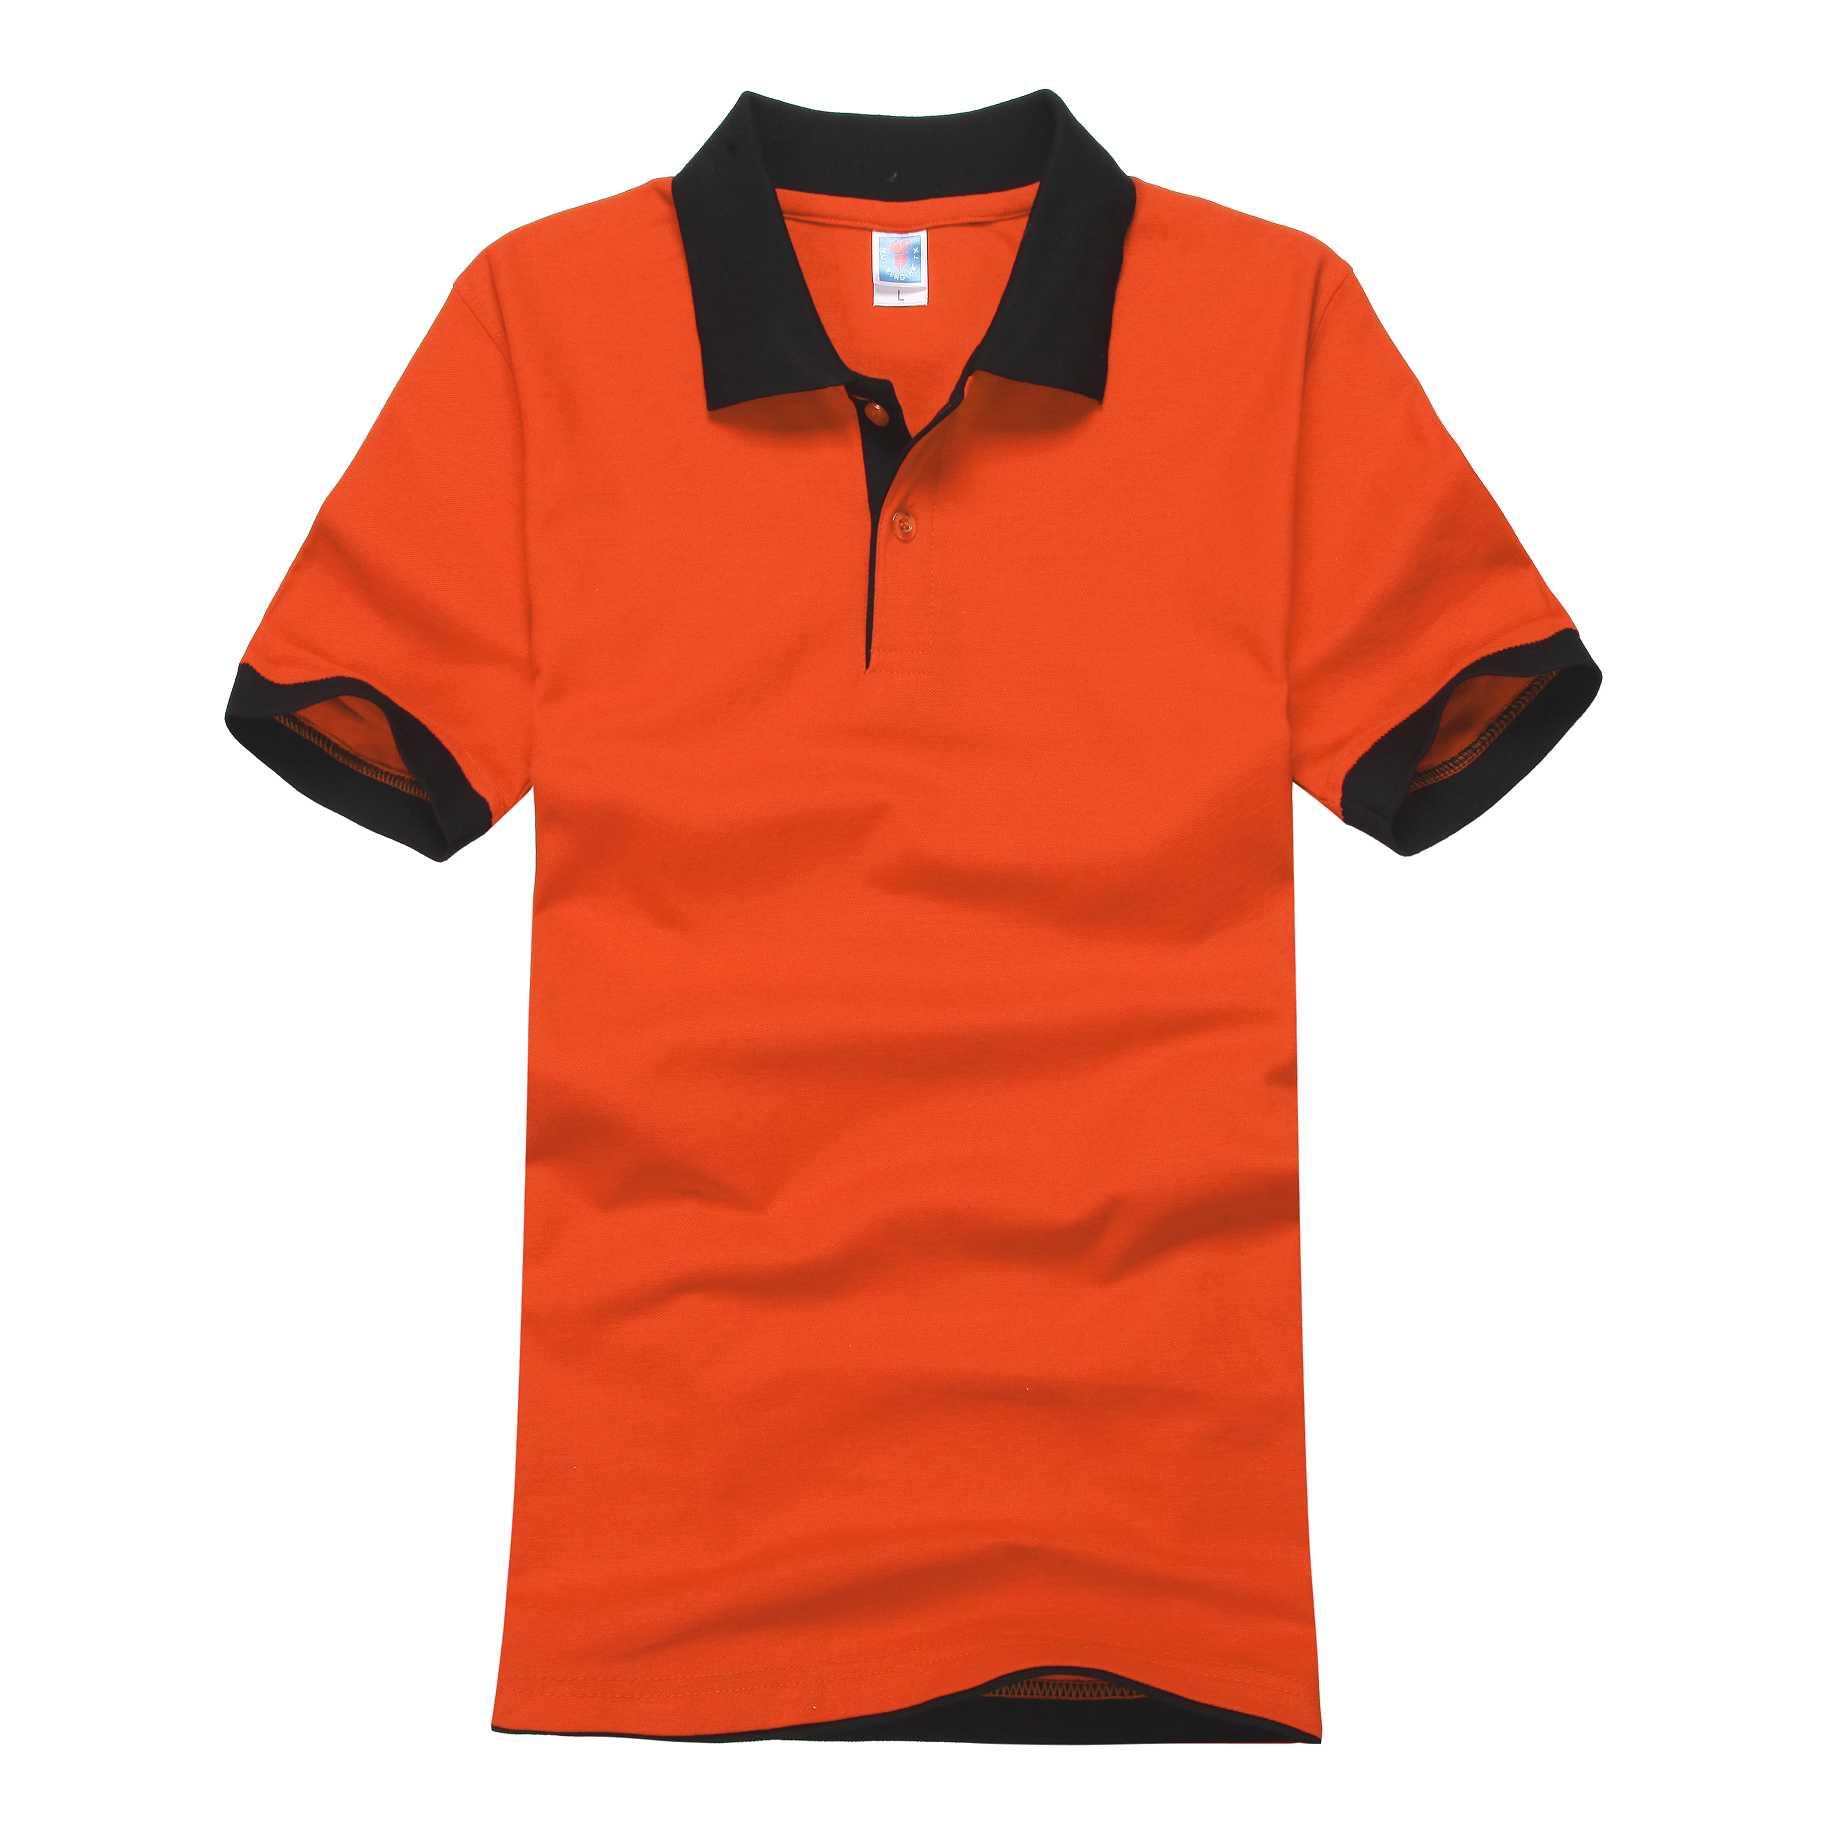 广州工作服,怎样正确选择好看的广州工作服款式